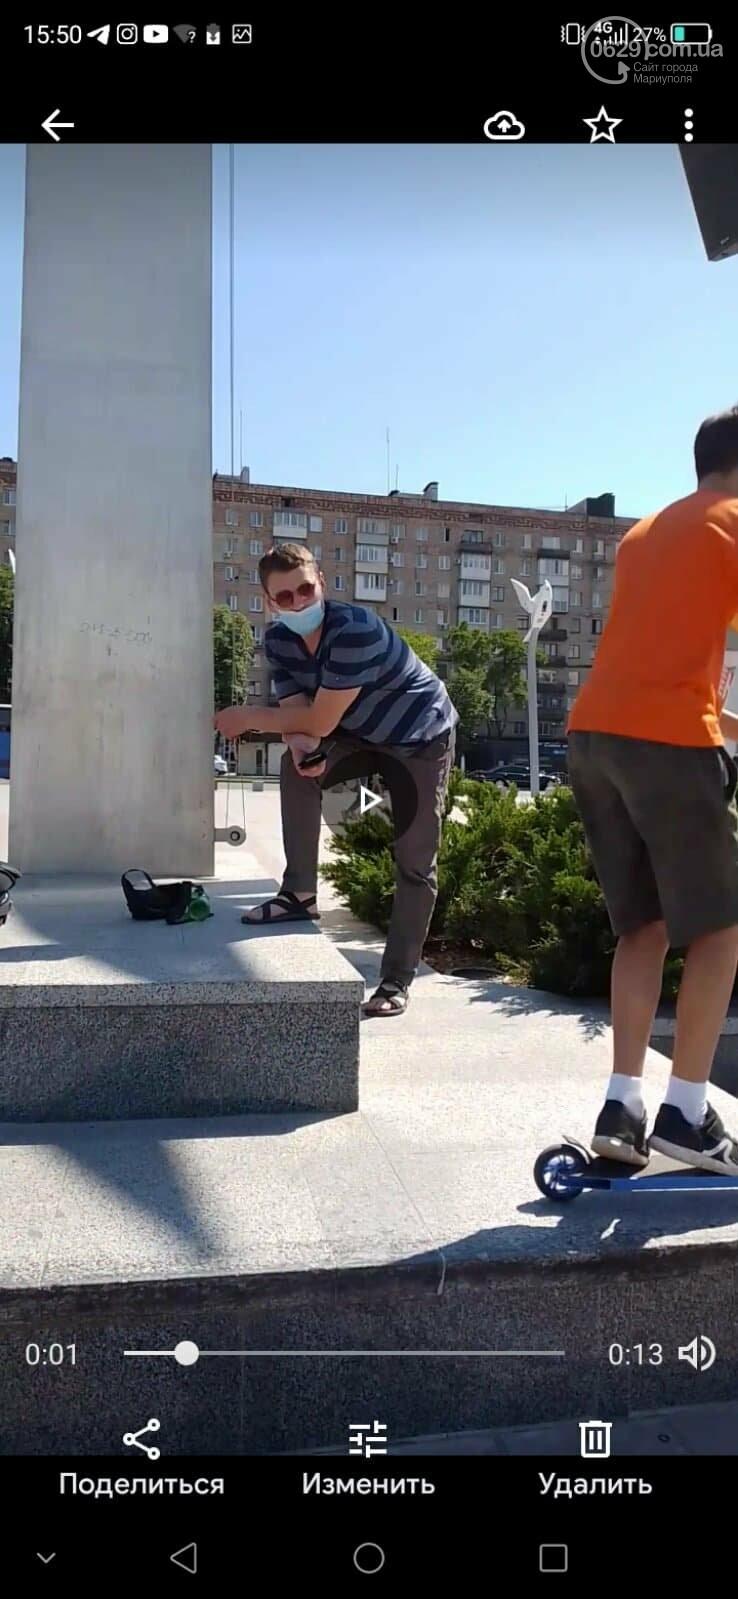 В Мариуполе подростки показывали трюки и остались без телефона и денег, - ФОТО, фото-1